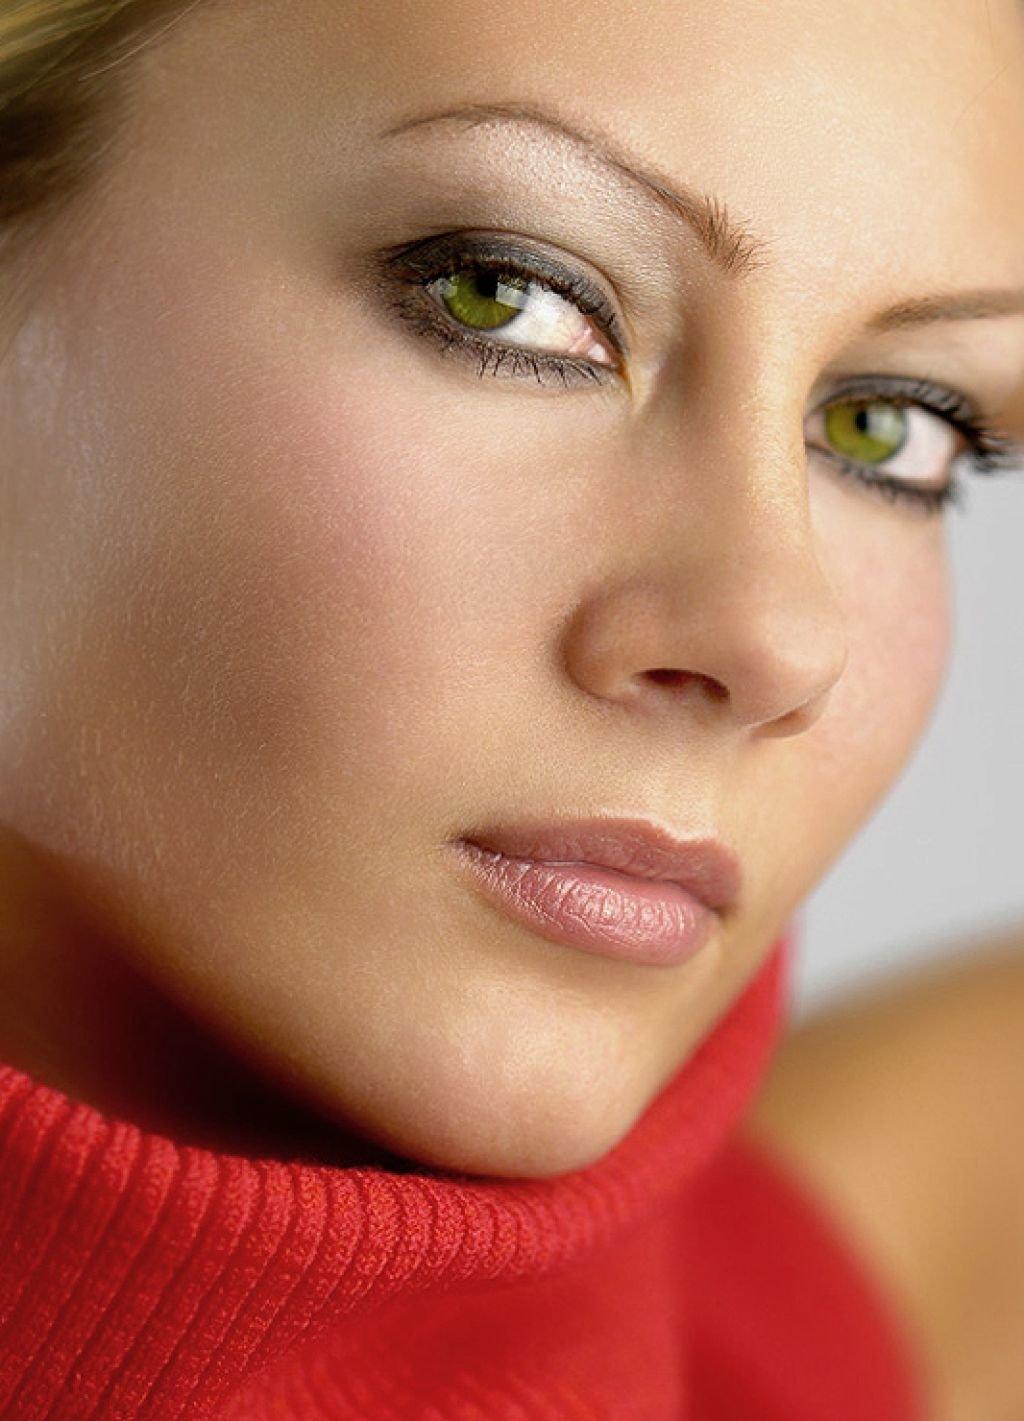 Макияж для треугольных глаз